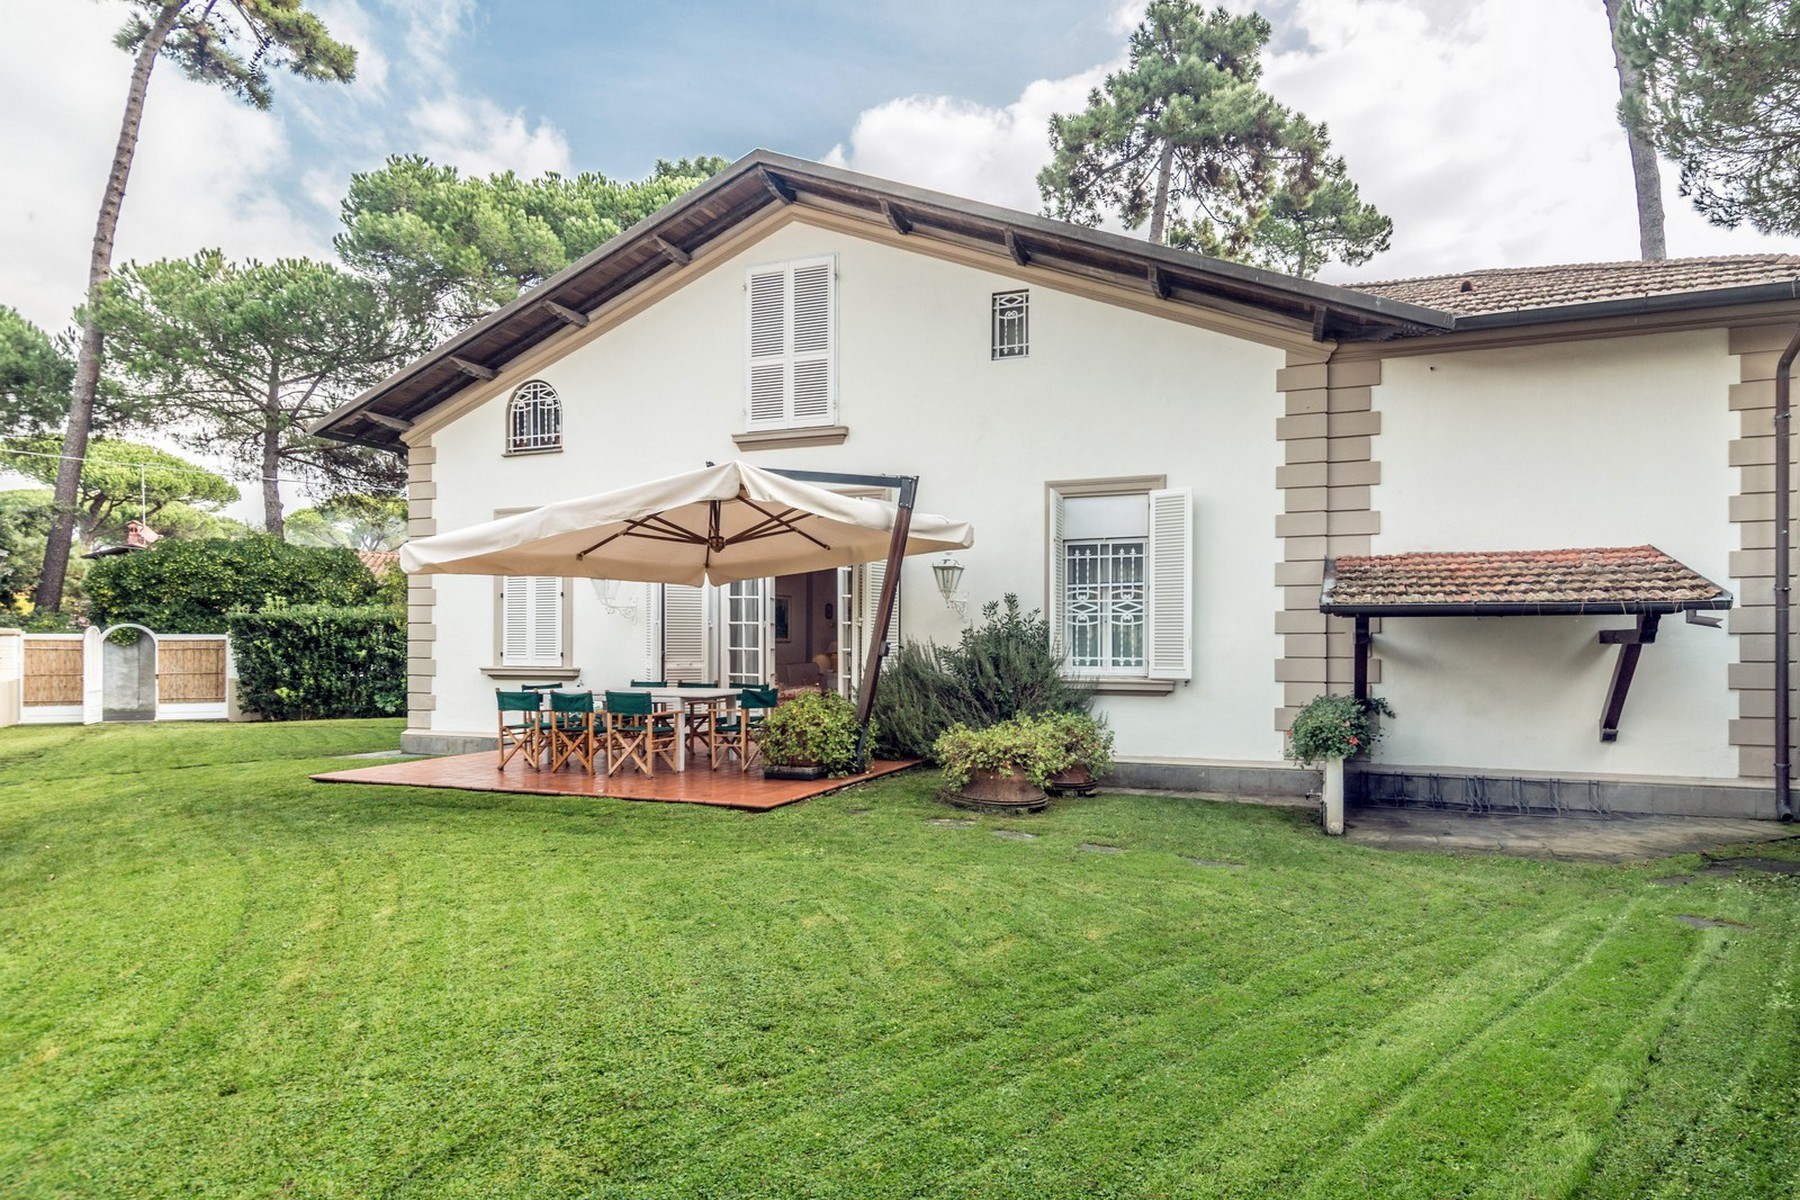 Single Family Home for Sale at Incomparable property in Forte dei Marmi Roma Imperiale Forte Dei Marmi, 50100 Italy